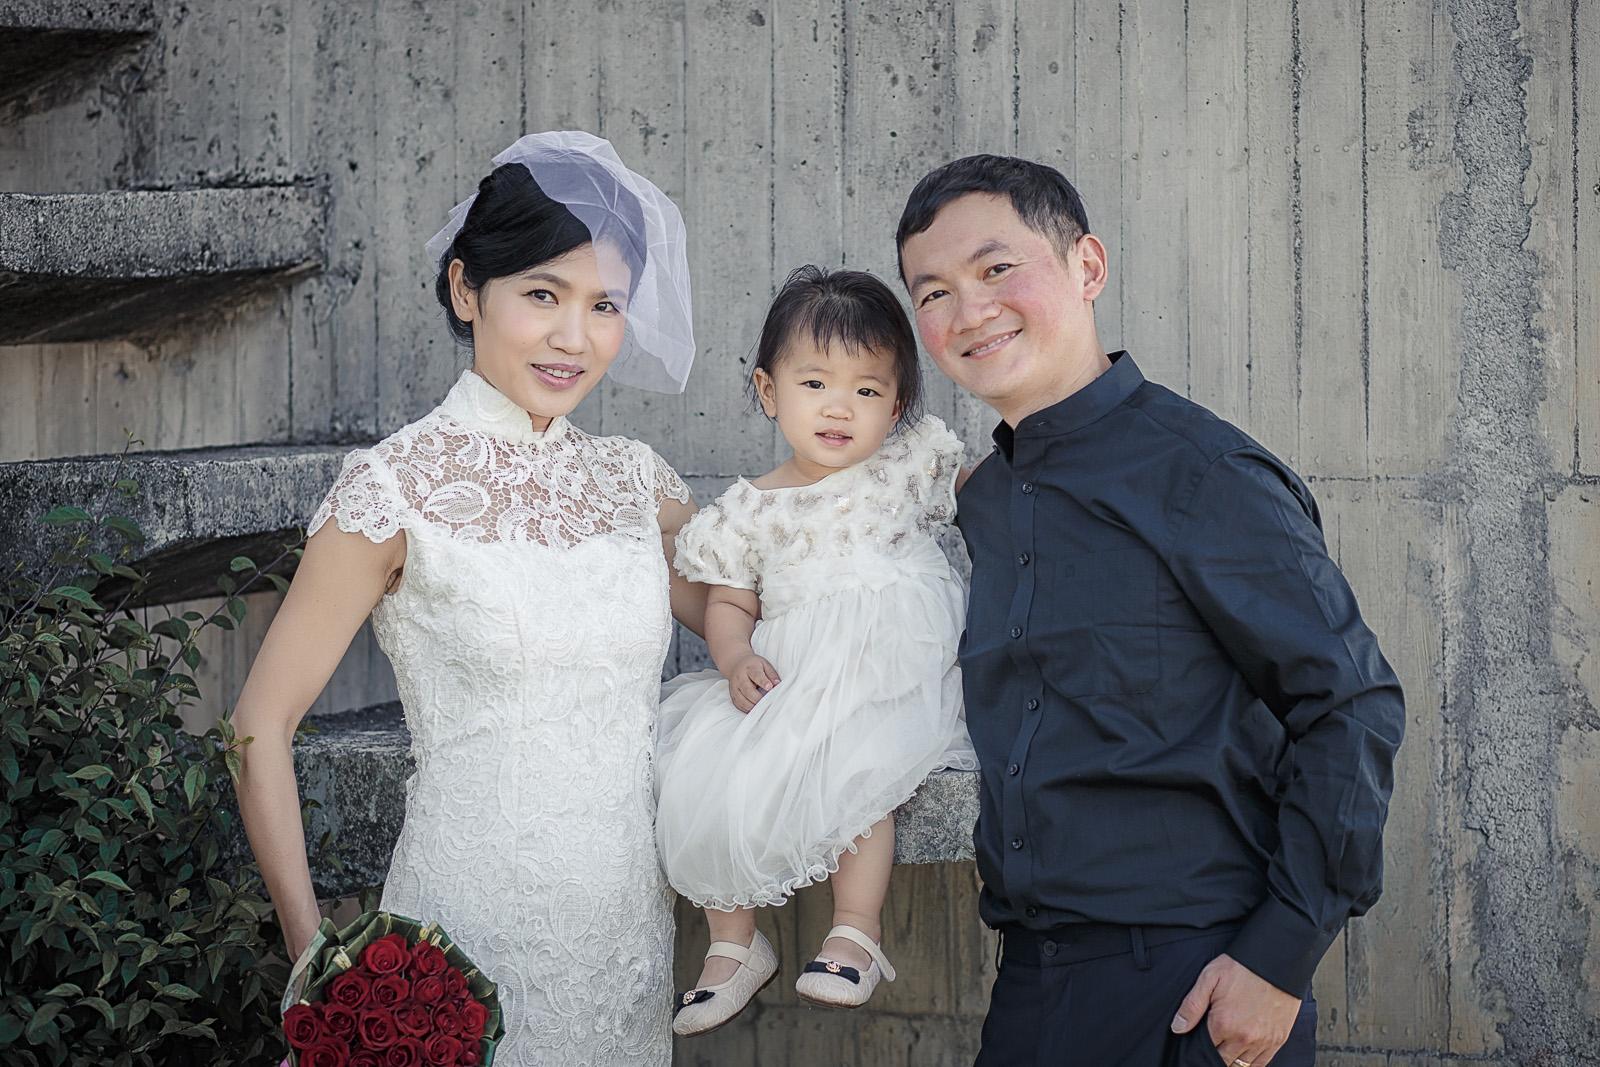 狀圍張宅經典民宿,婚禮攝影,婚攝,宜蘭婚攝,優質婚攝推薦,婚攝伊森,Jen&Ethan